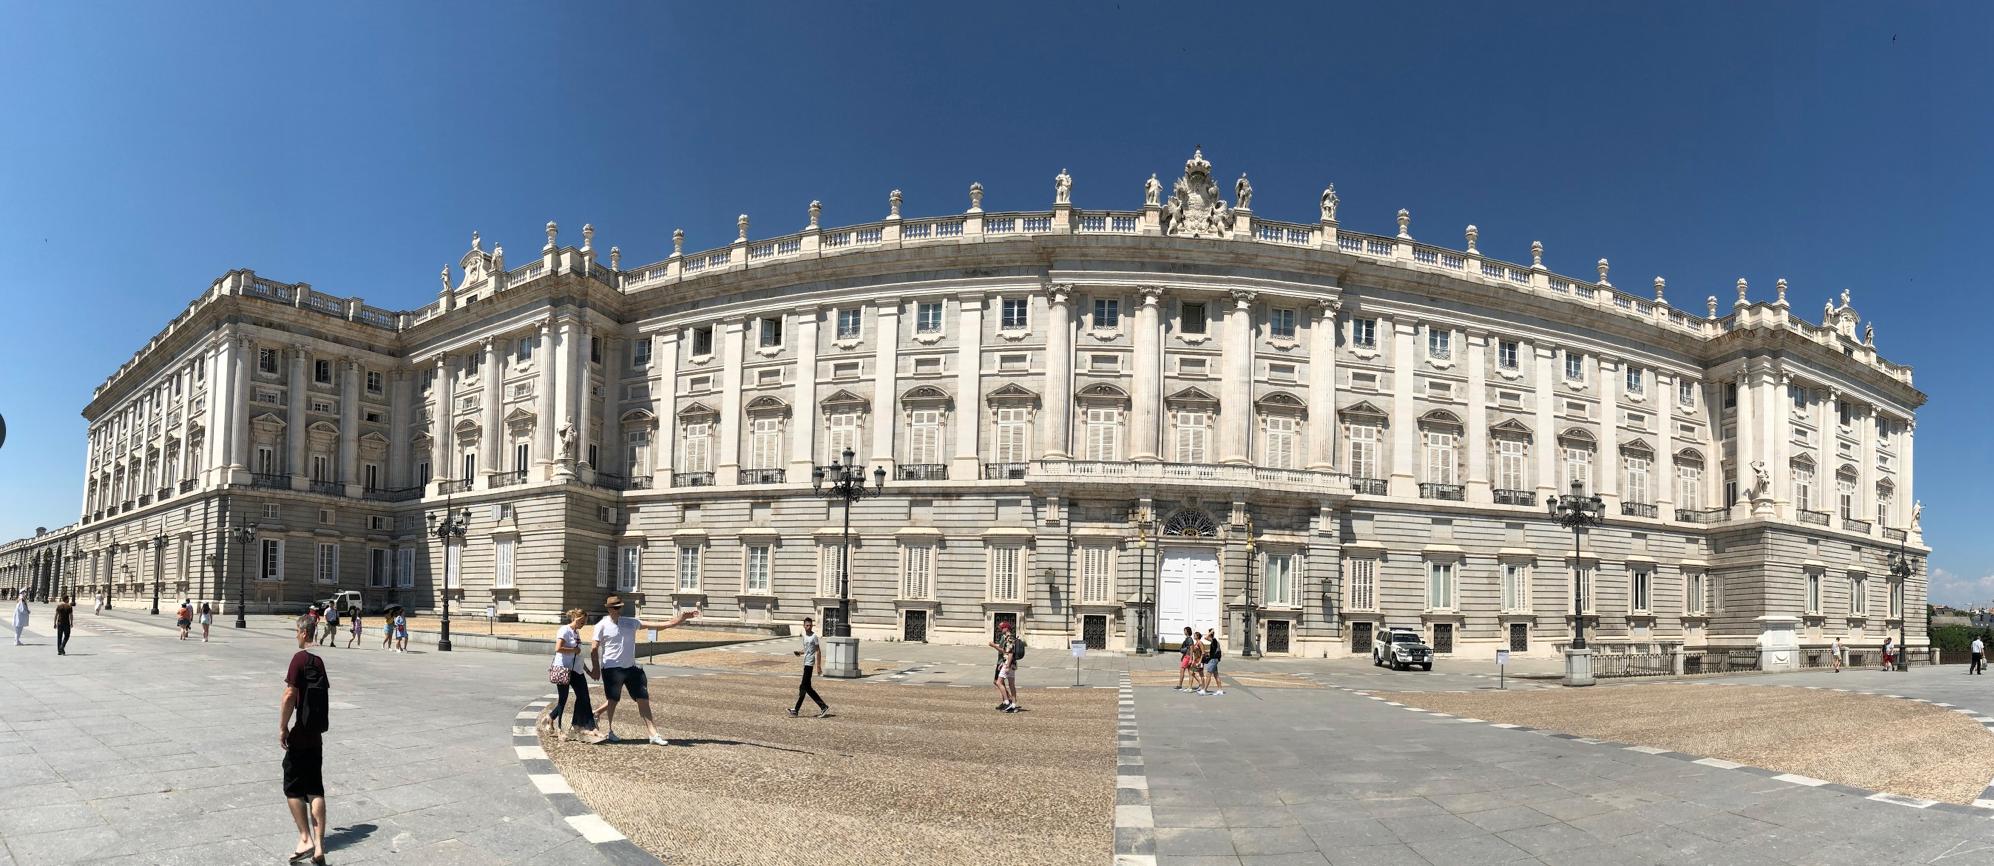 Prado Museum Panorama Photo